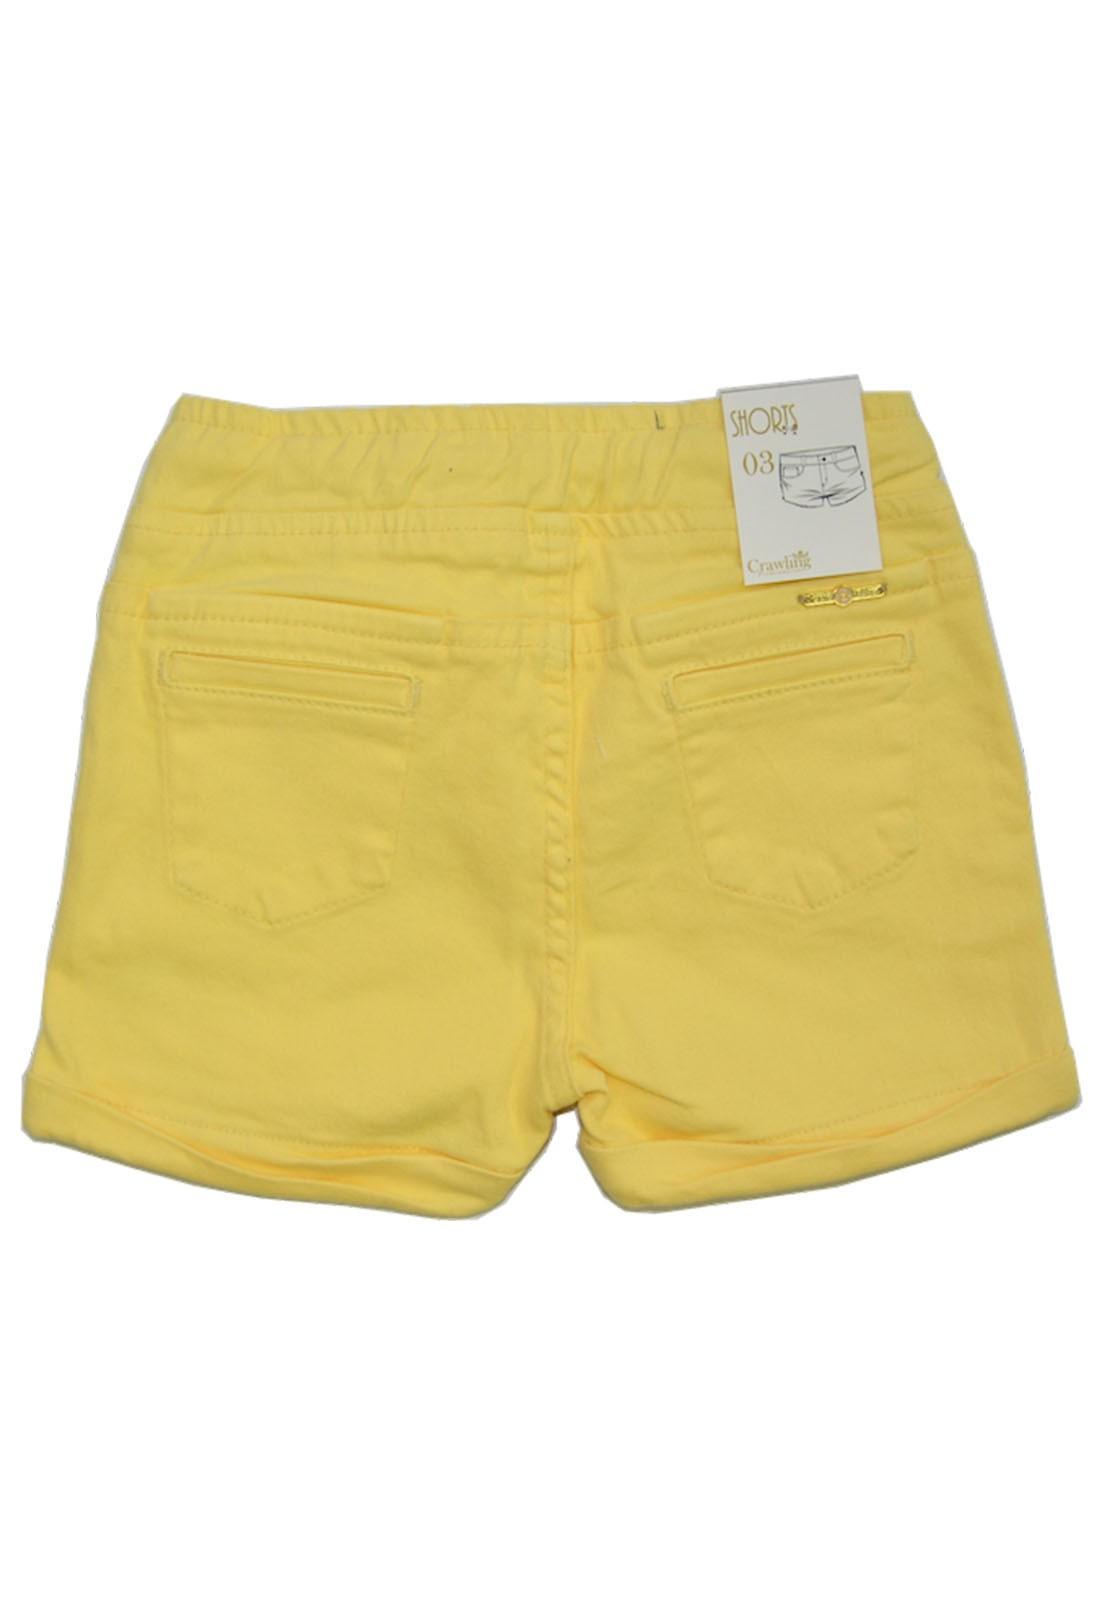 Short Feminino Color Com Elástico e Cordão Crawling Jeans